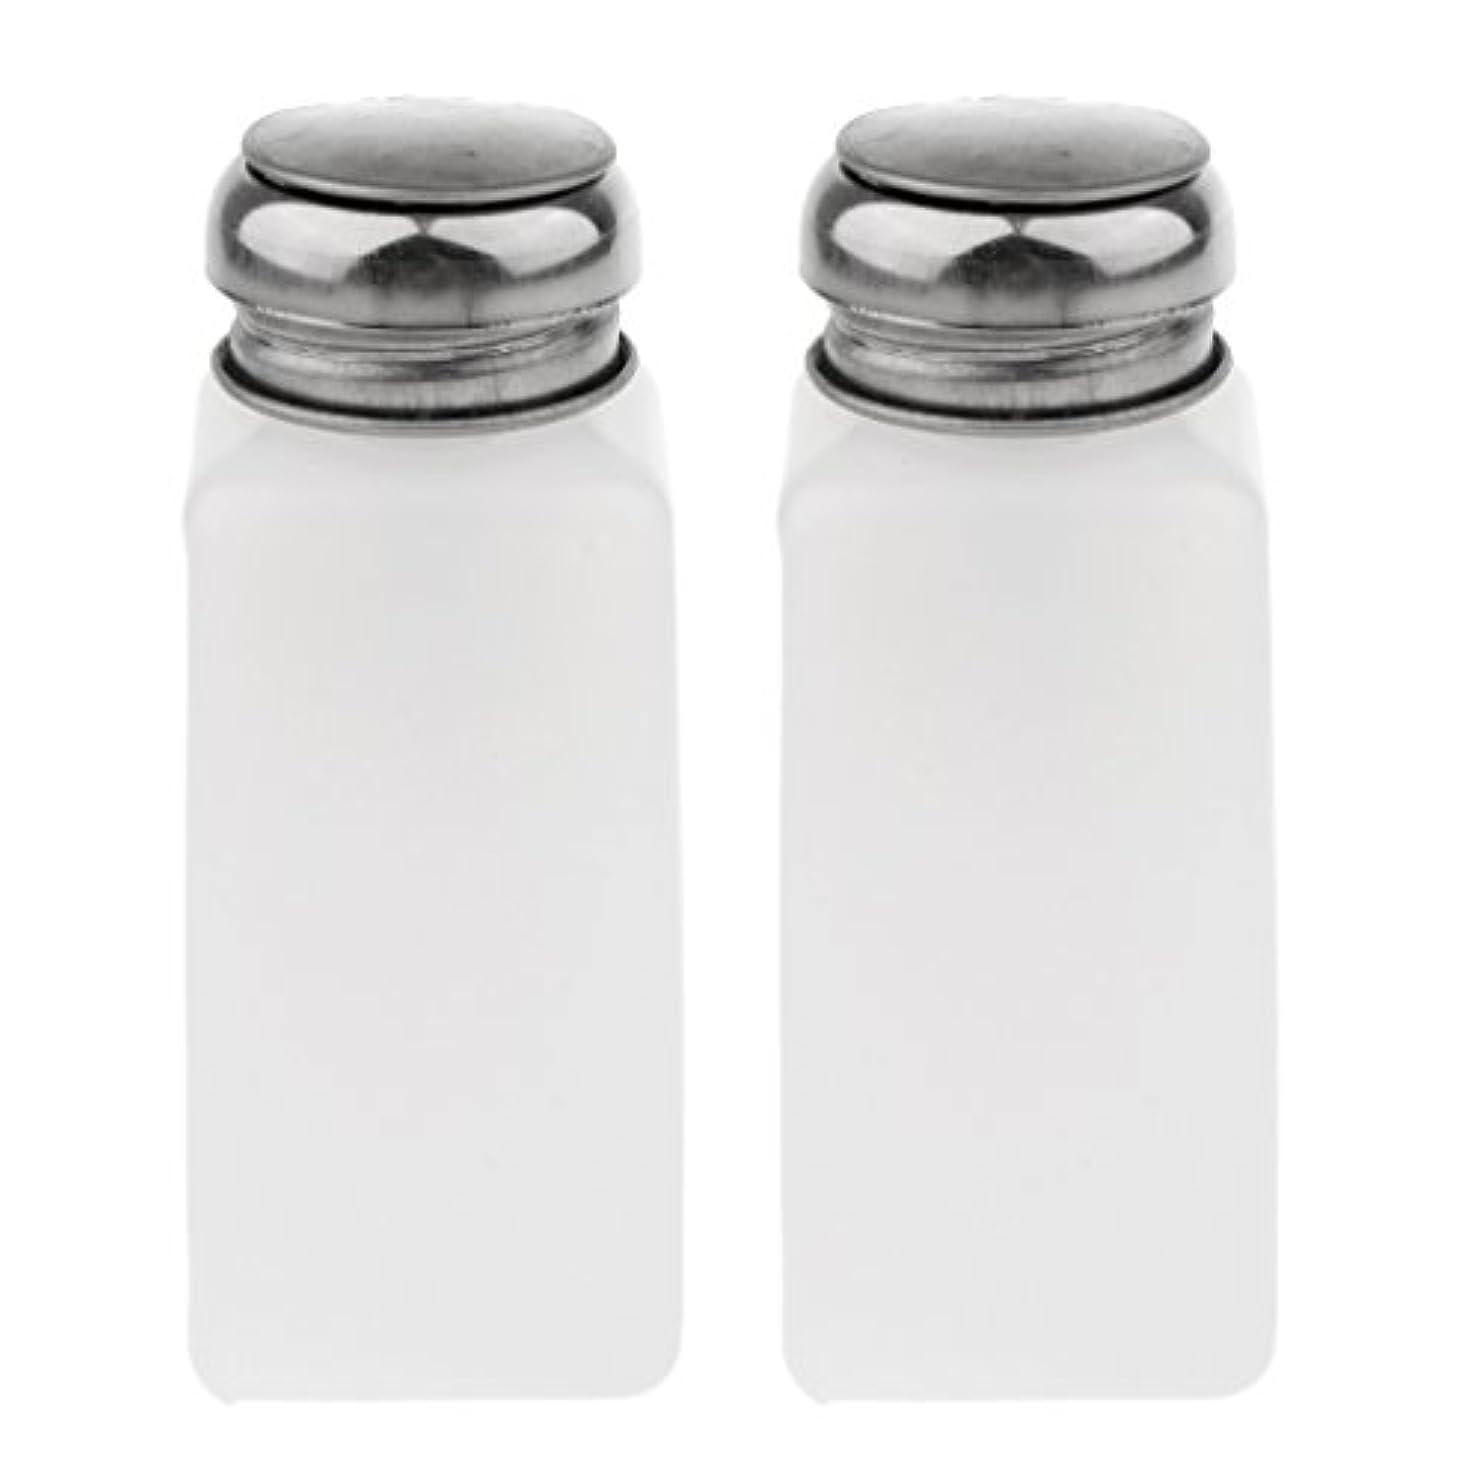 正気画像兄2個 空ポンプ ボトル ネイルクリーナーボトル ポンプディスペンサー ジェルクリーナー - 250ミリリットル